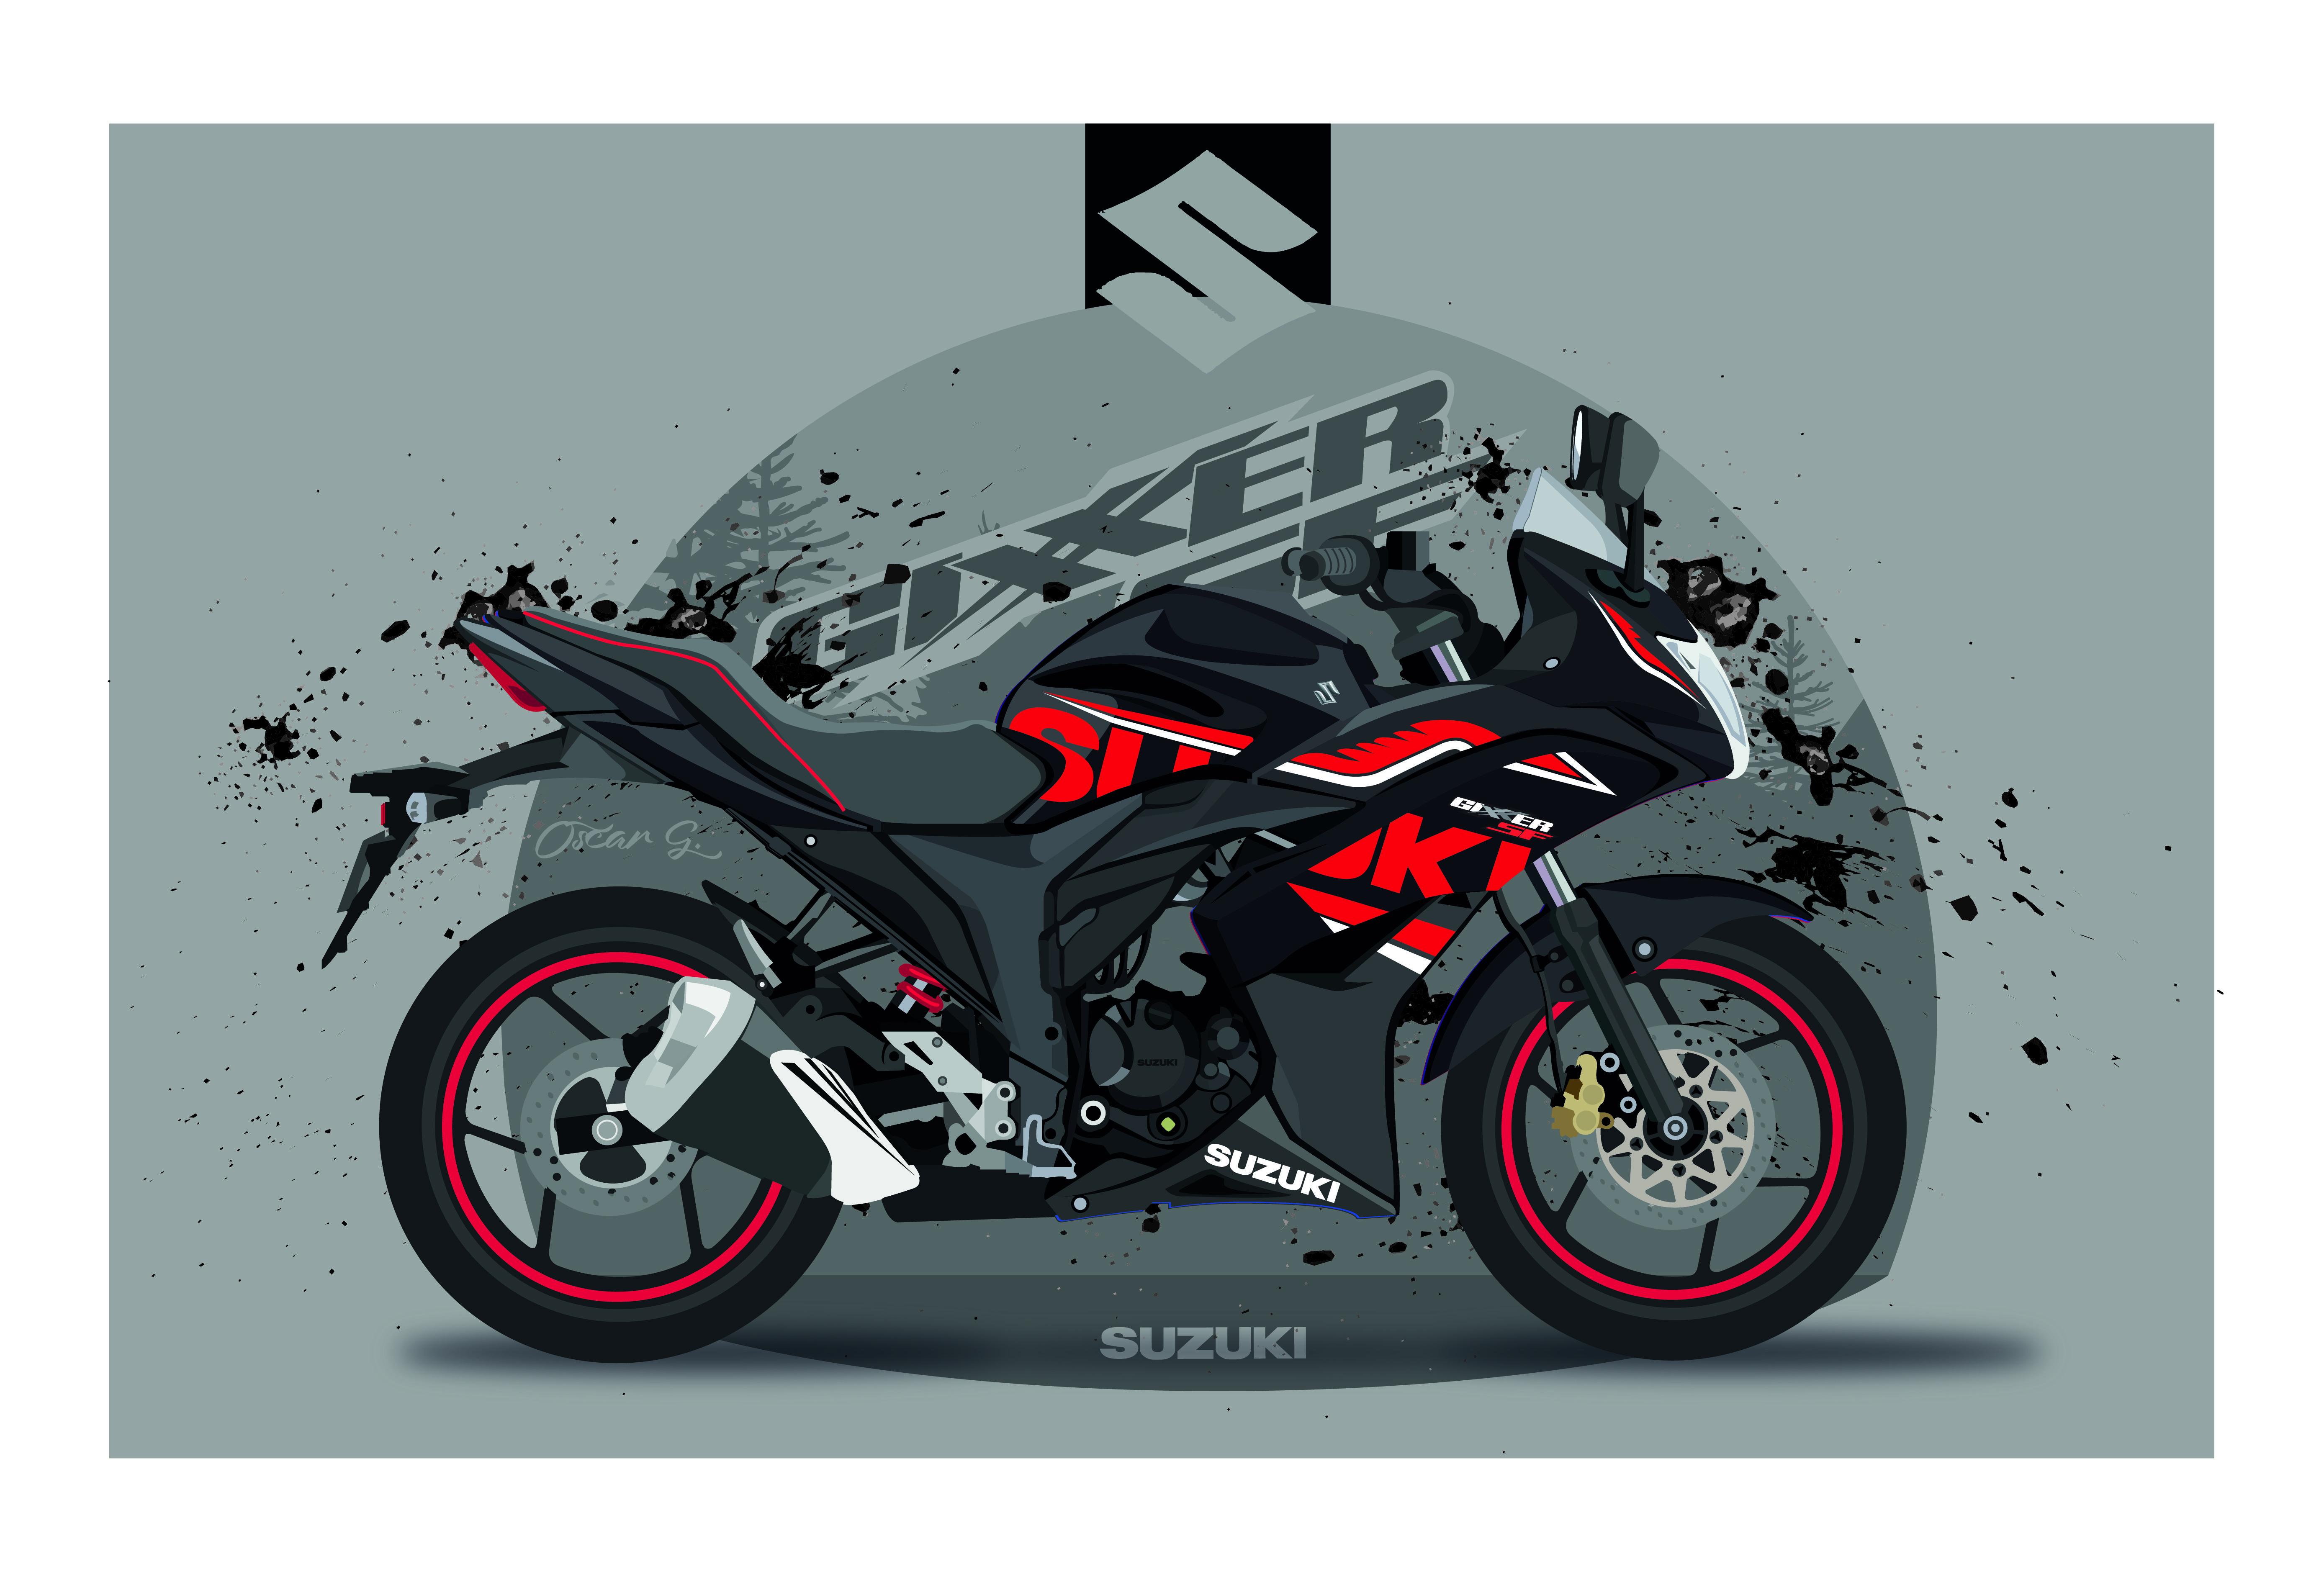 Ilustracion Suzuki Gixxer Sf En 2020 Suzuki Motos Suzuki Gixxer